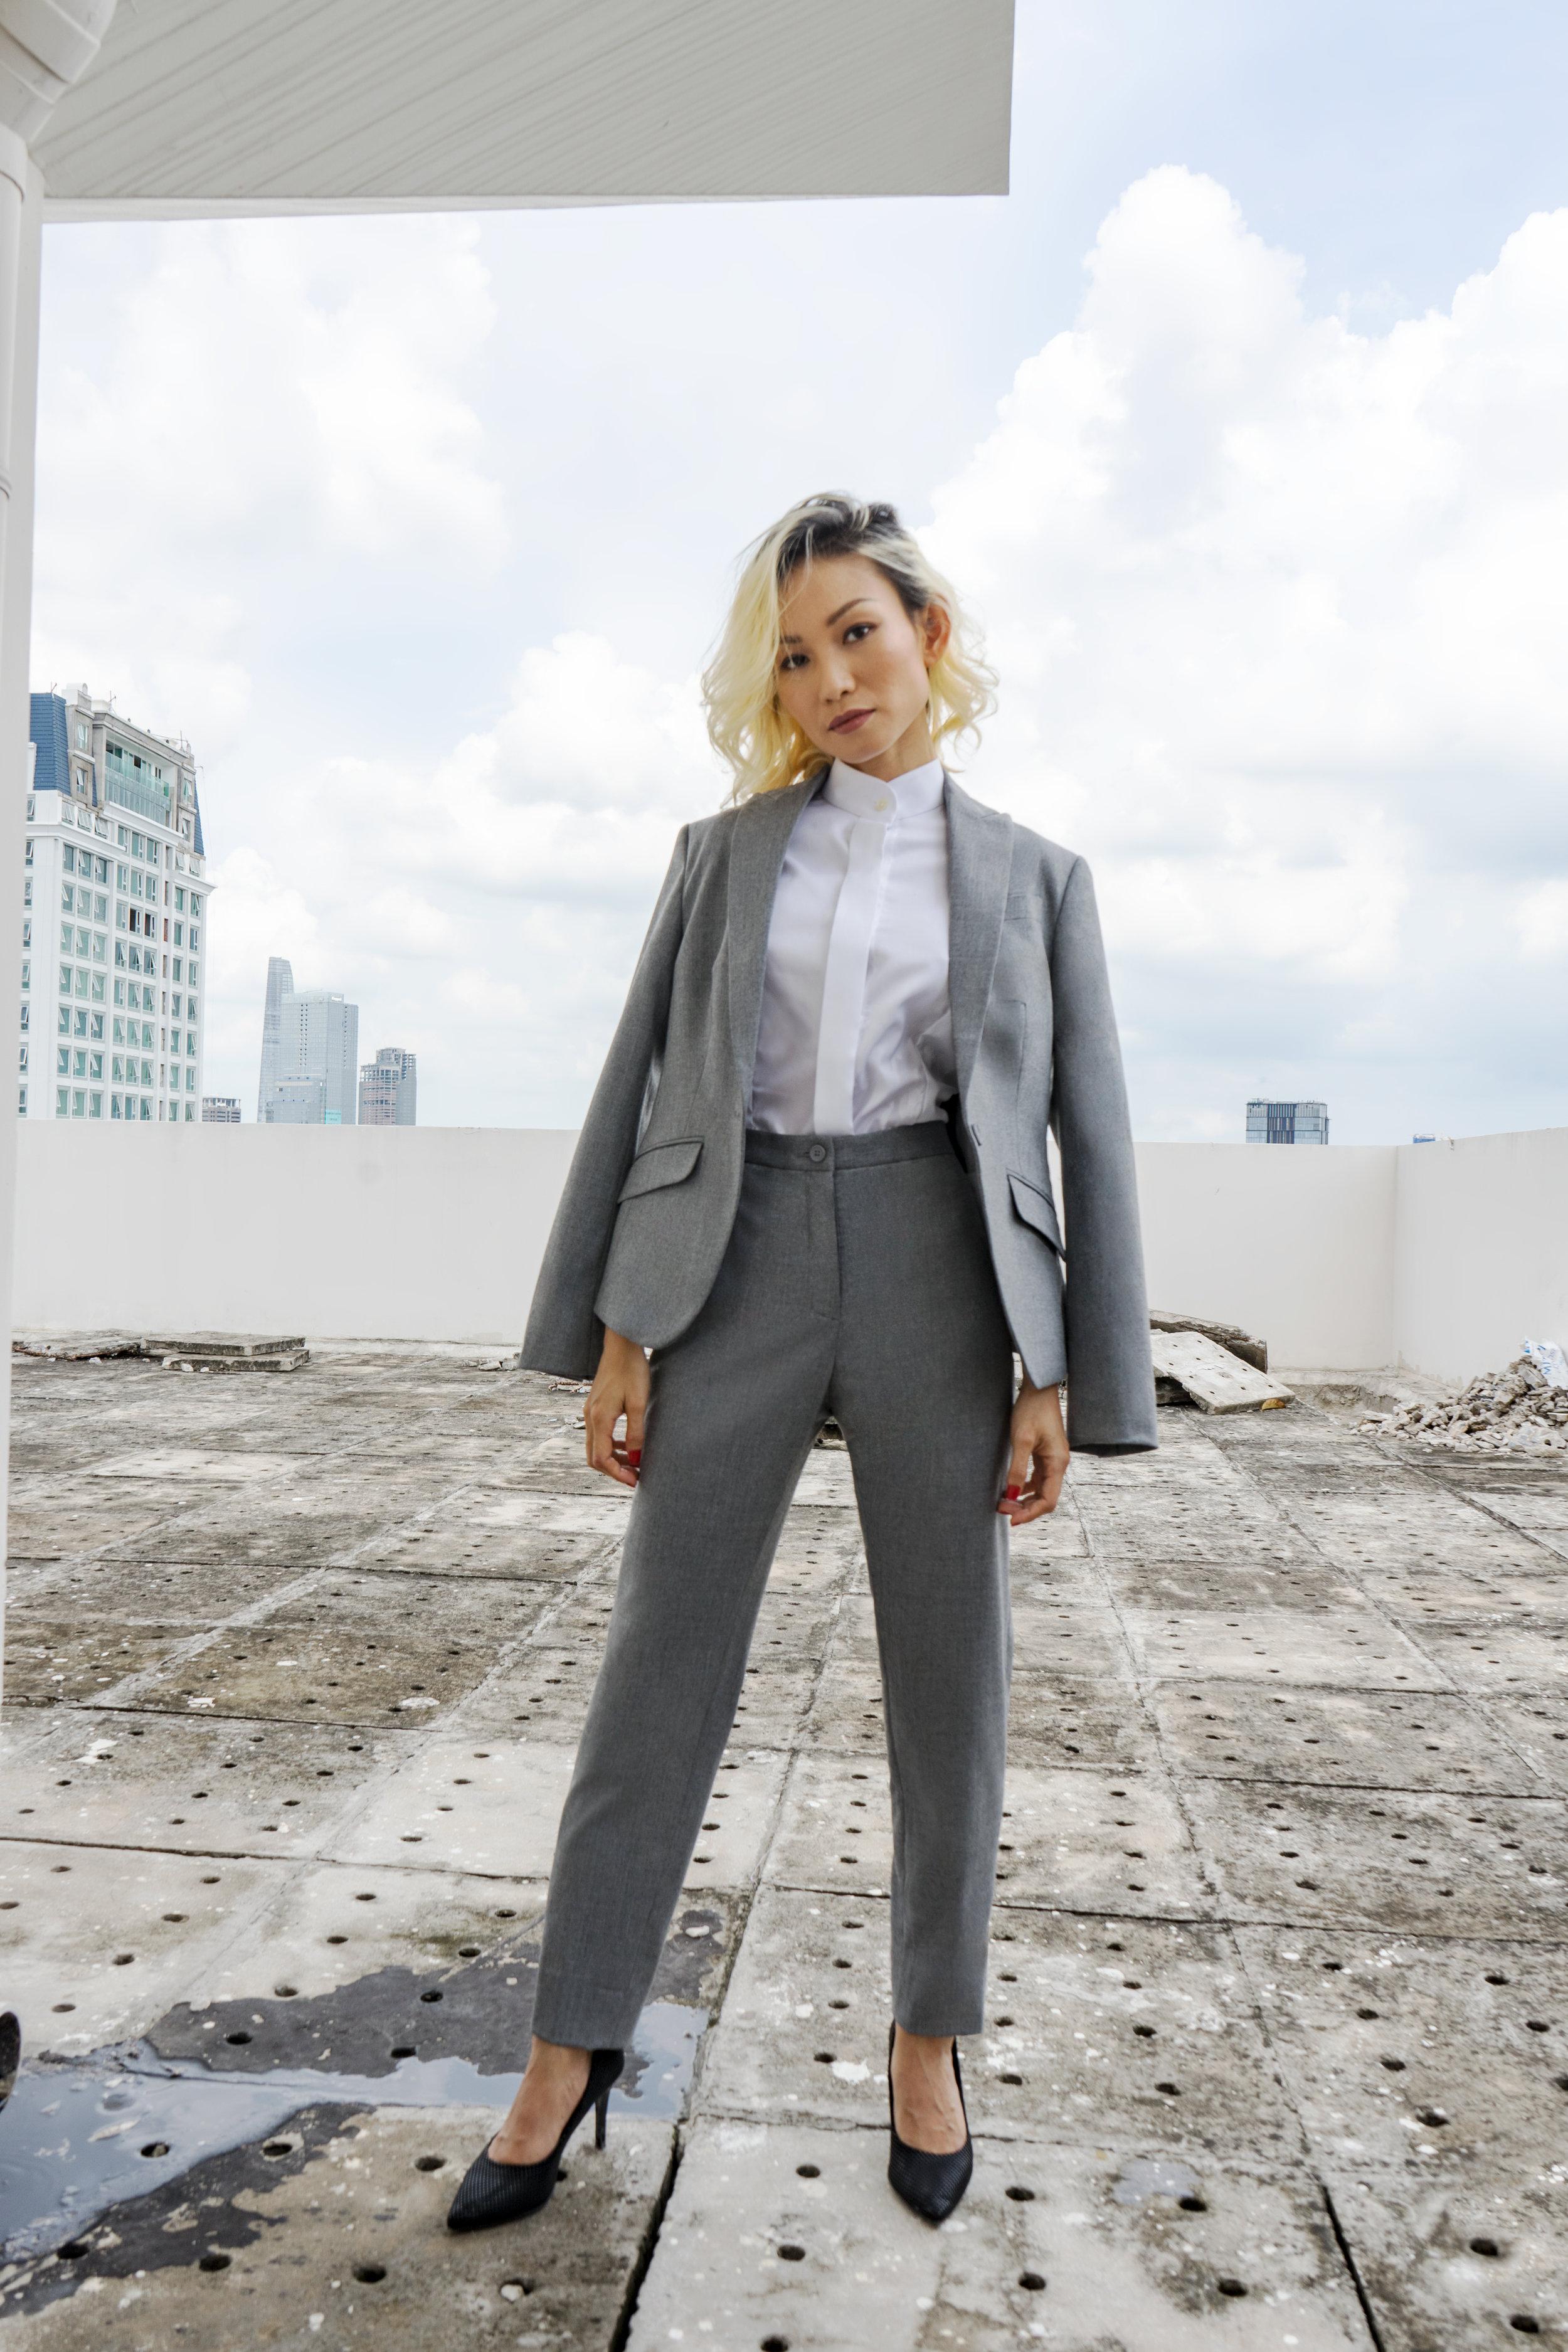 Woman's light grey pant suit